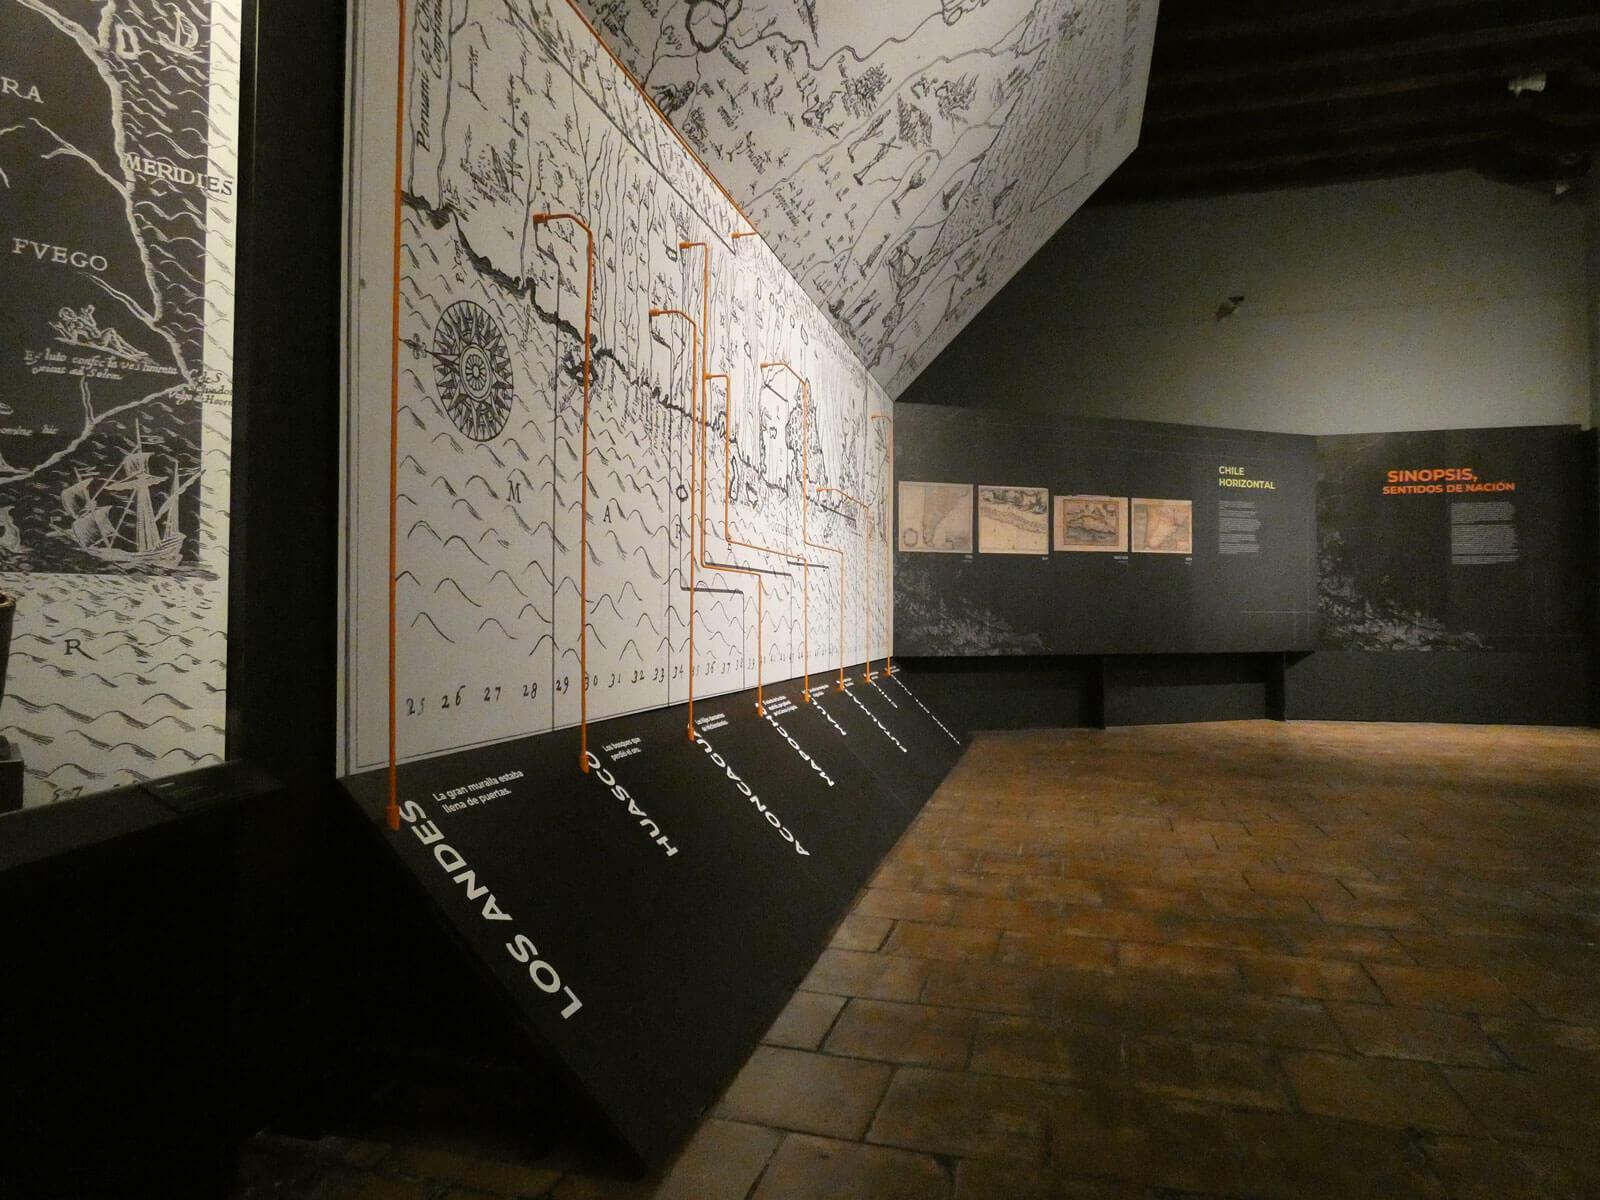 Amercanda.com-Museografía-y-Exposiciónes-Sinopsis,-Sentido-de-Nación-2020-10